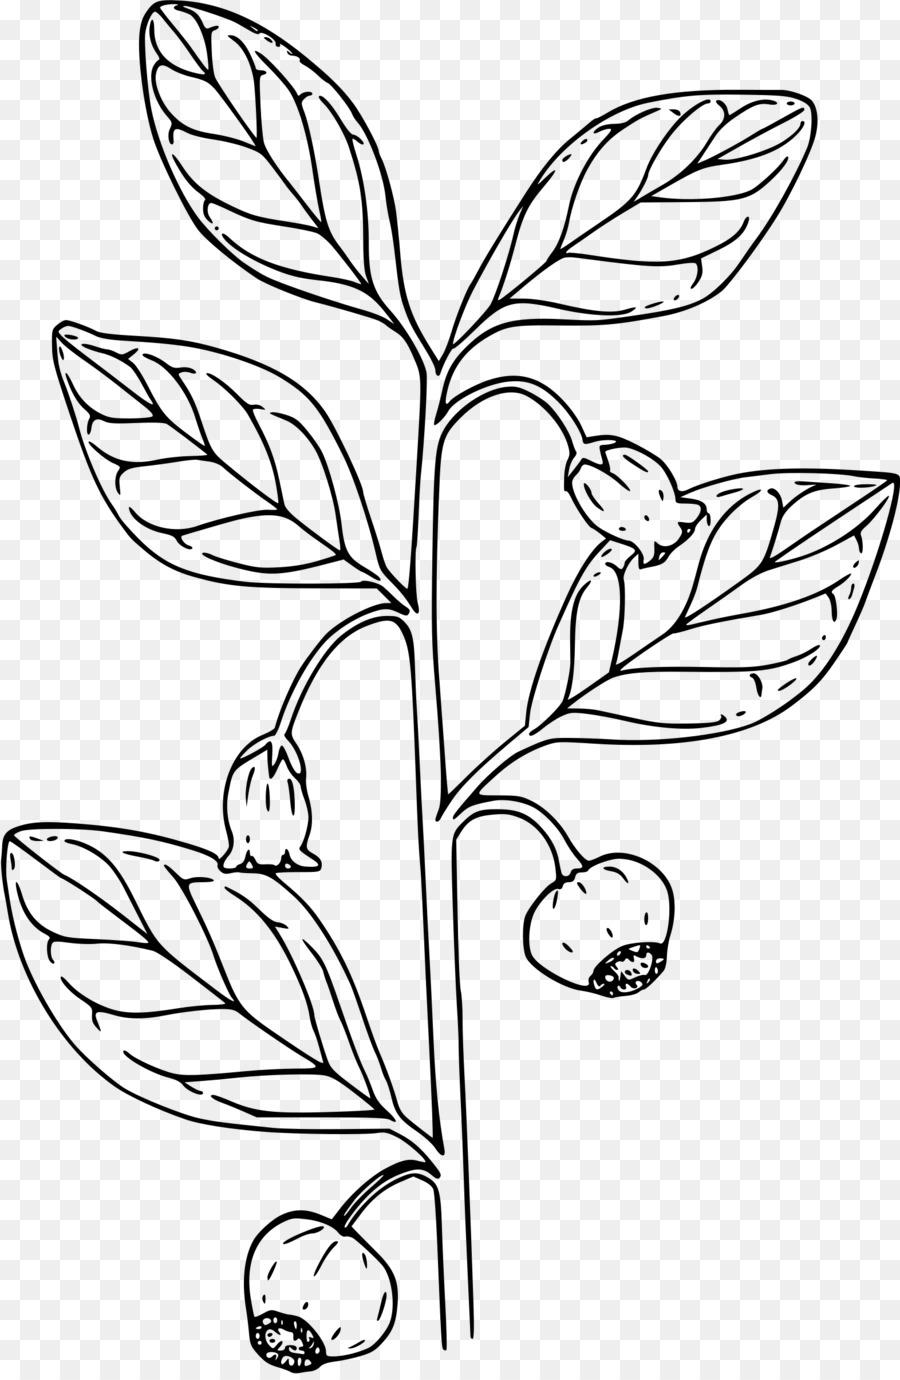 Libro para colorear Berry Lleva Clip art - hojas grandes png dibujo ...